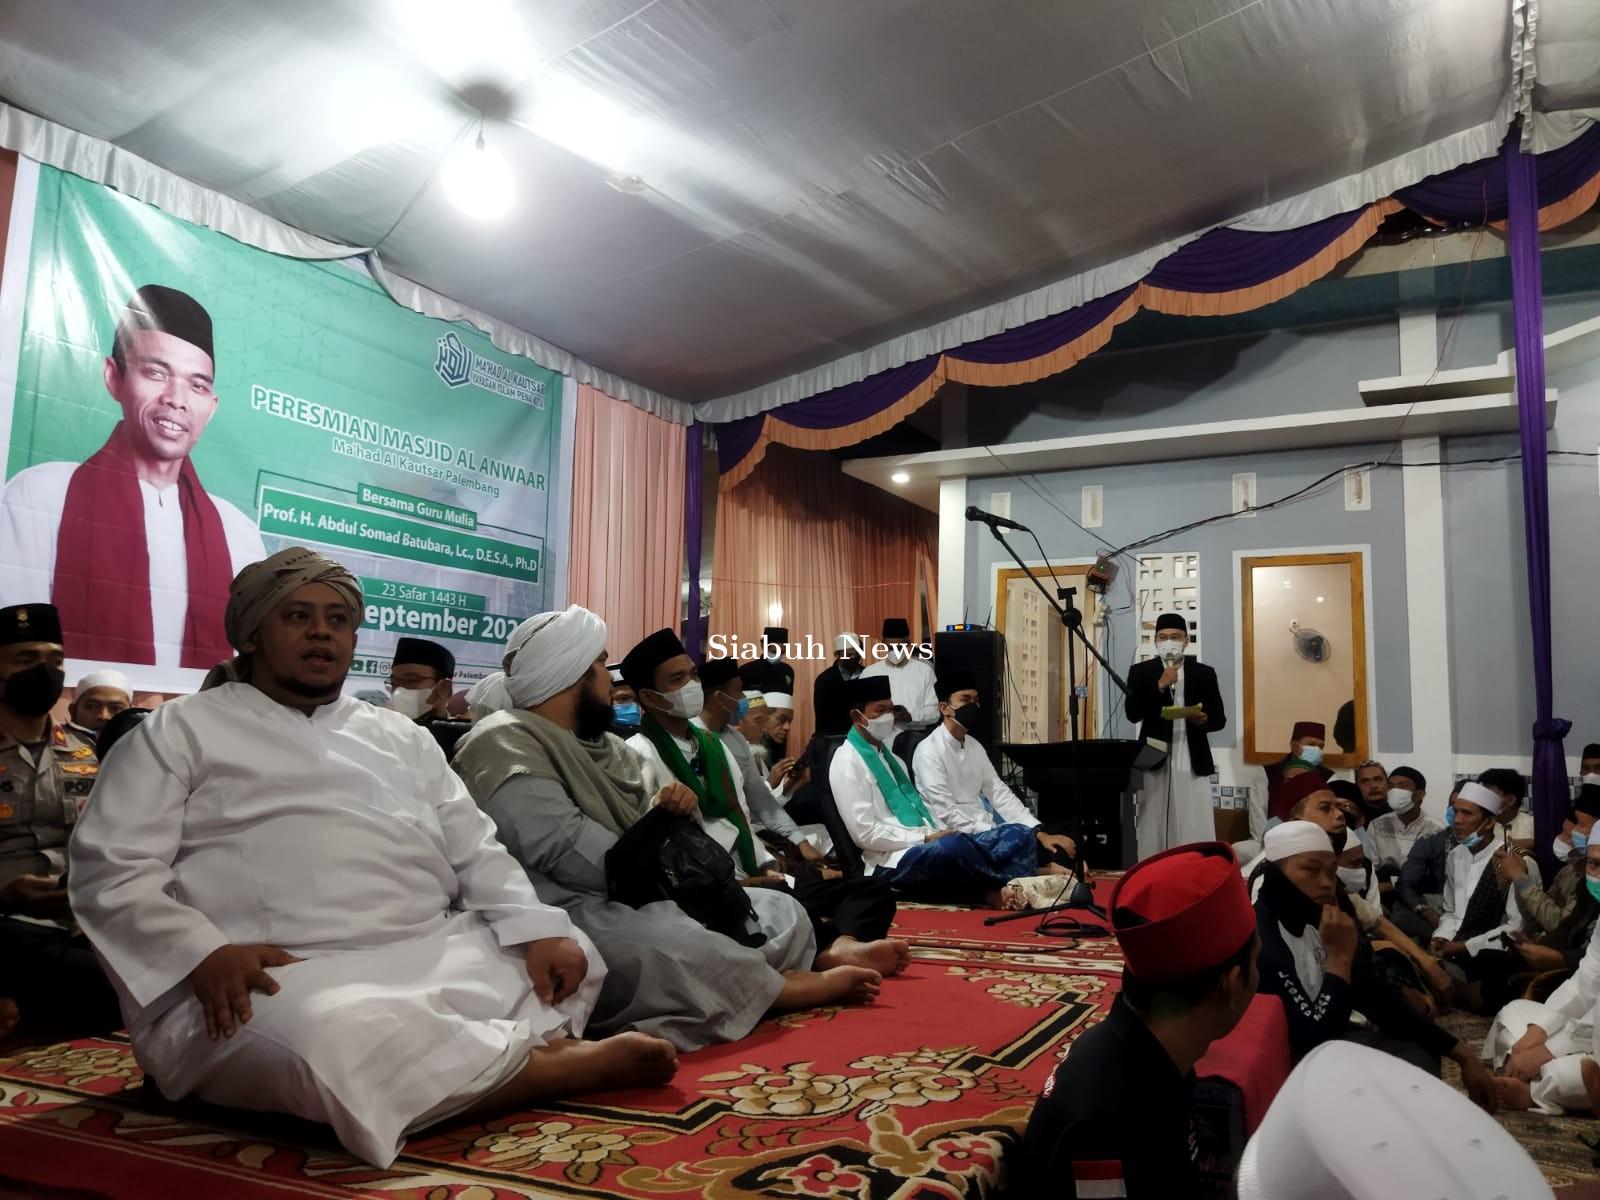 Hadiri Peresmian Masjid Al-Anwaar, Ustadz Abdul Somad Apresiasi Program 500 Ustadz Palembang EMAS